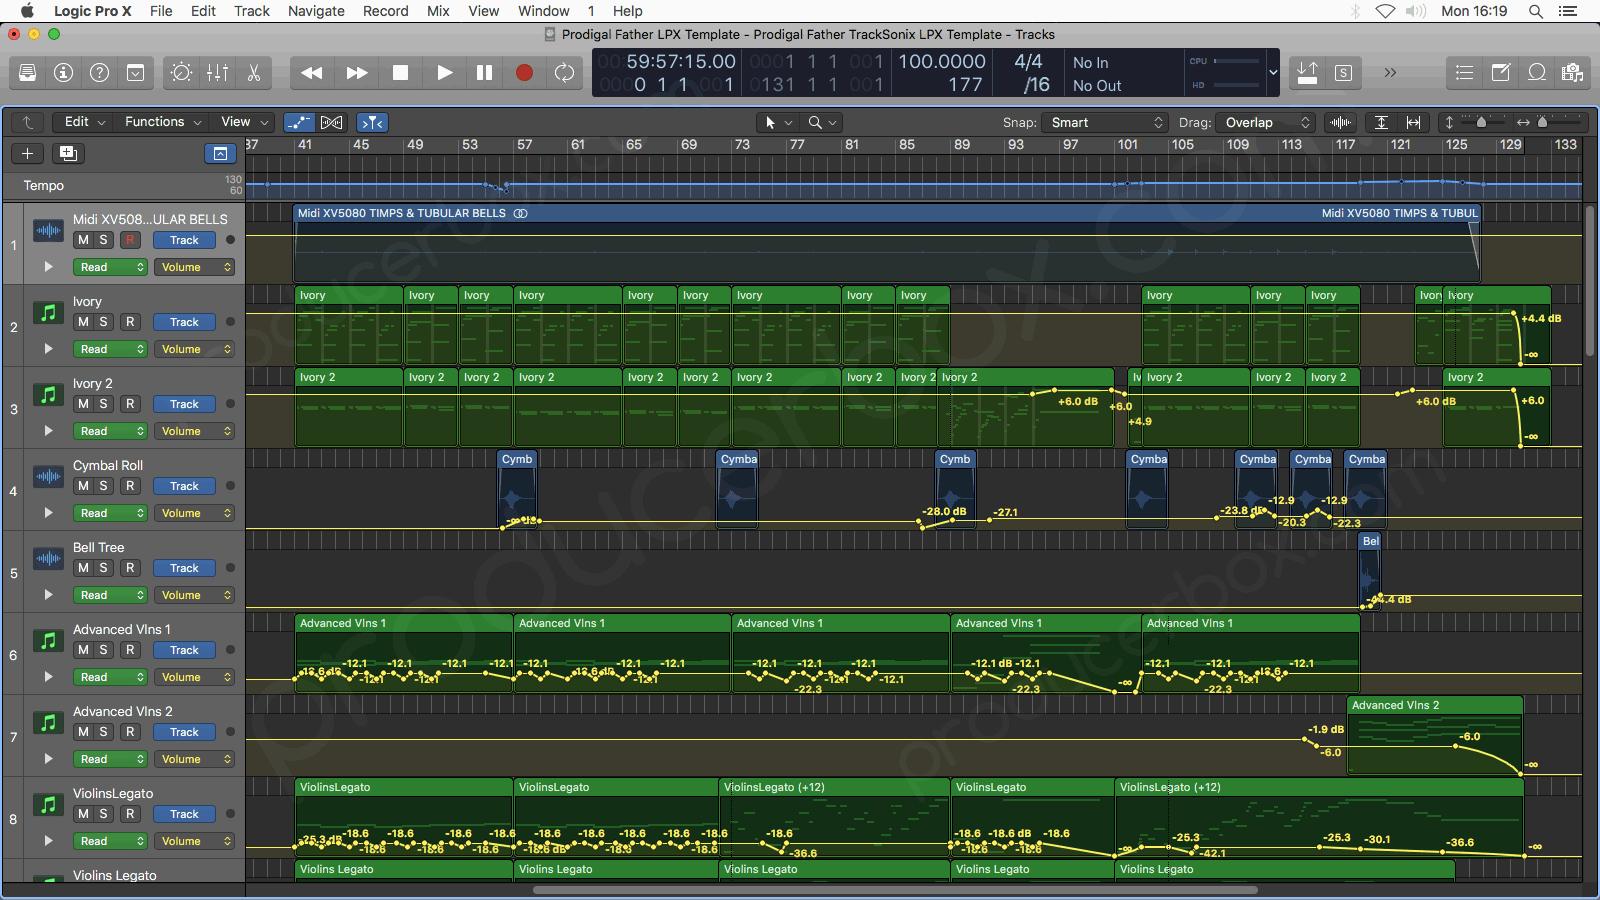 Logic Pro Arrangement Preview #2